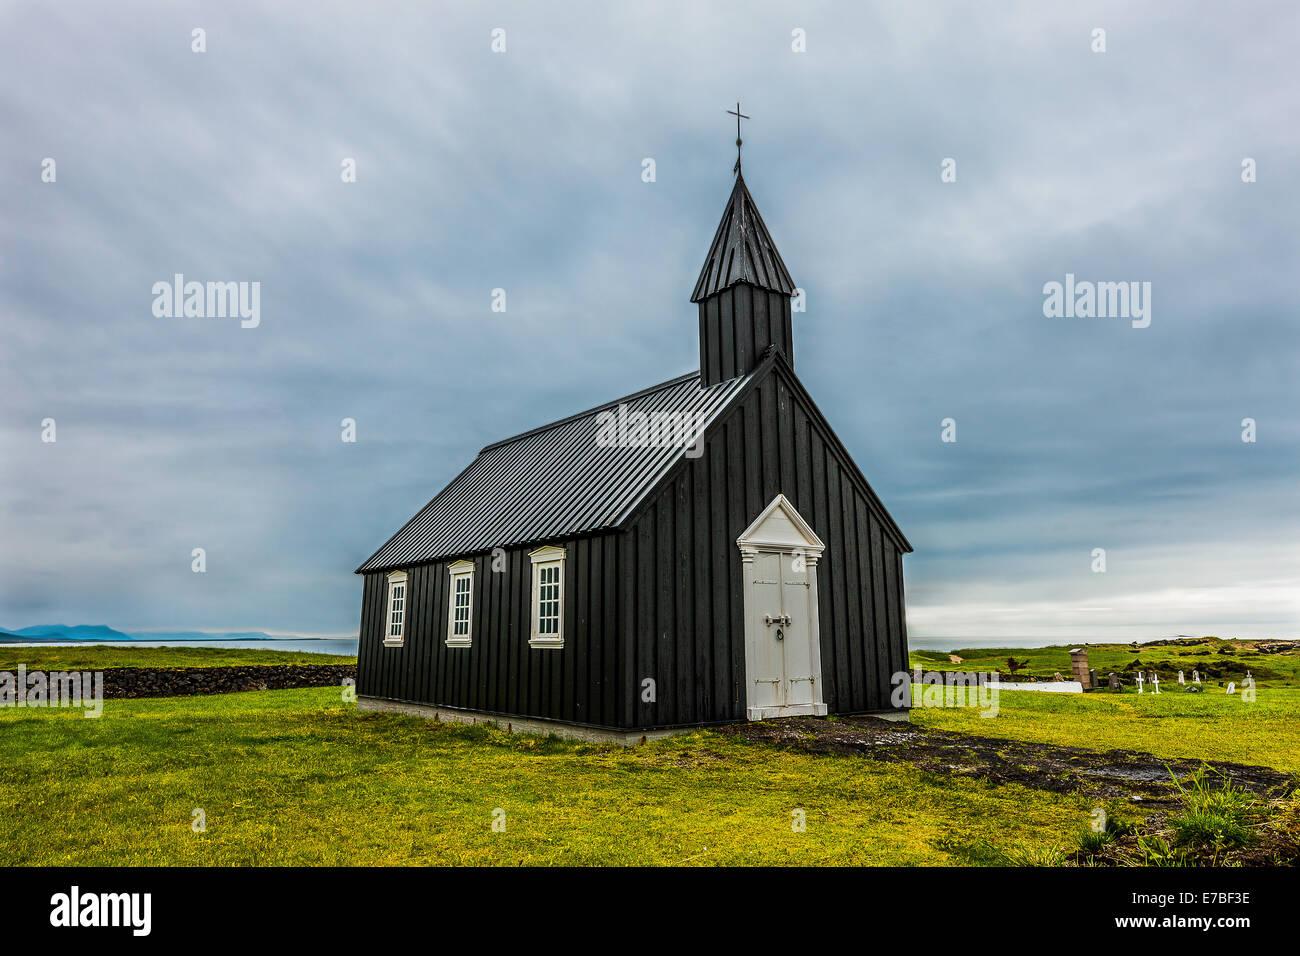 West Iceland / Snæfellsnes / Búðir - Stock Image